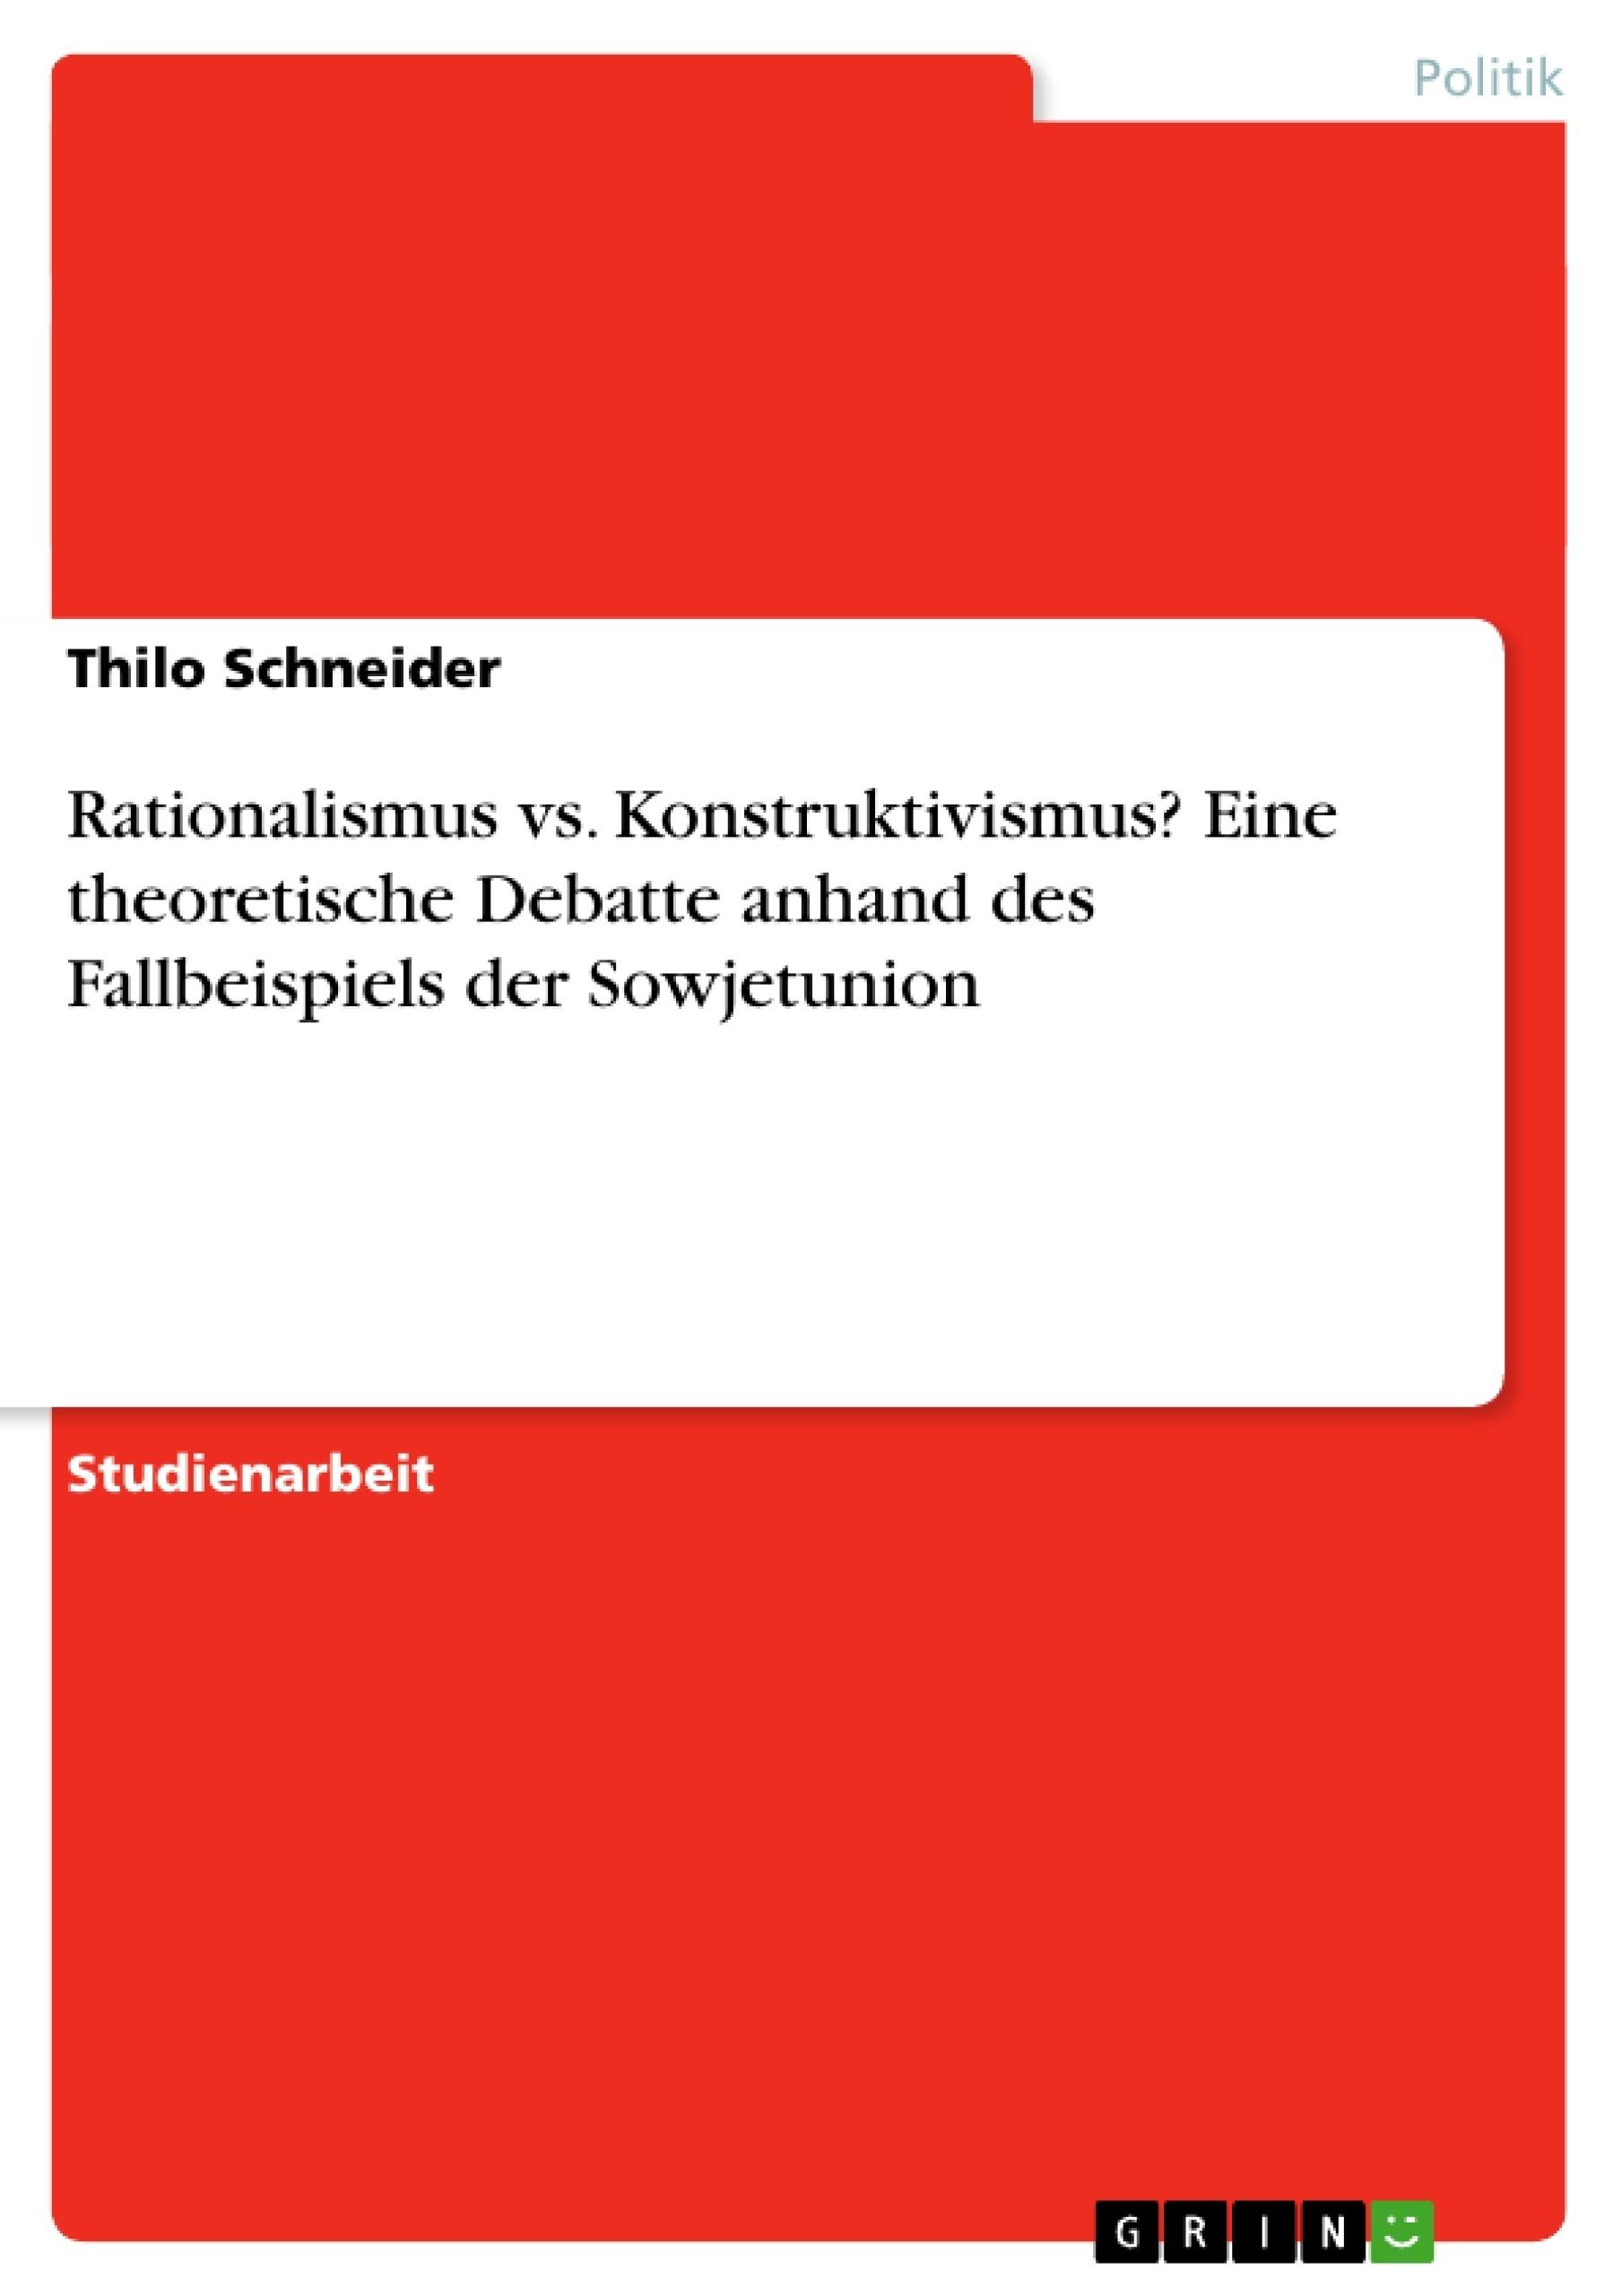 Titel: Rationalismus vs. Konstruktivismus? Eine theoretische Debatte anhand des Fallbeispiels der Sowjetunion